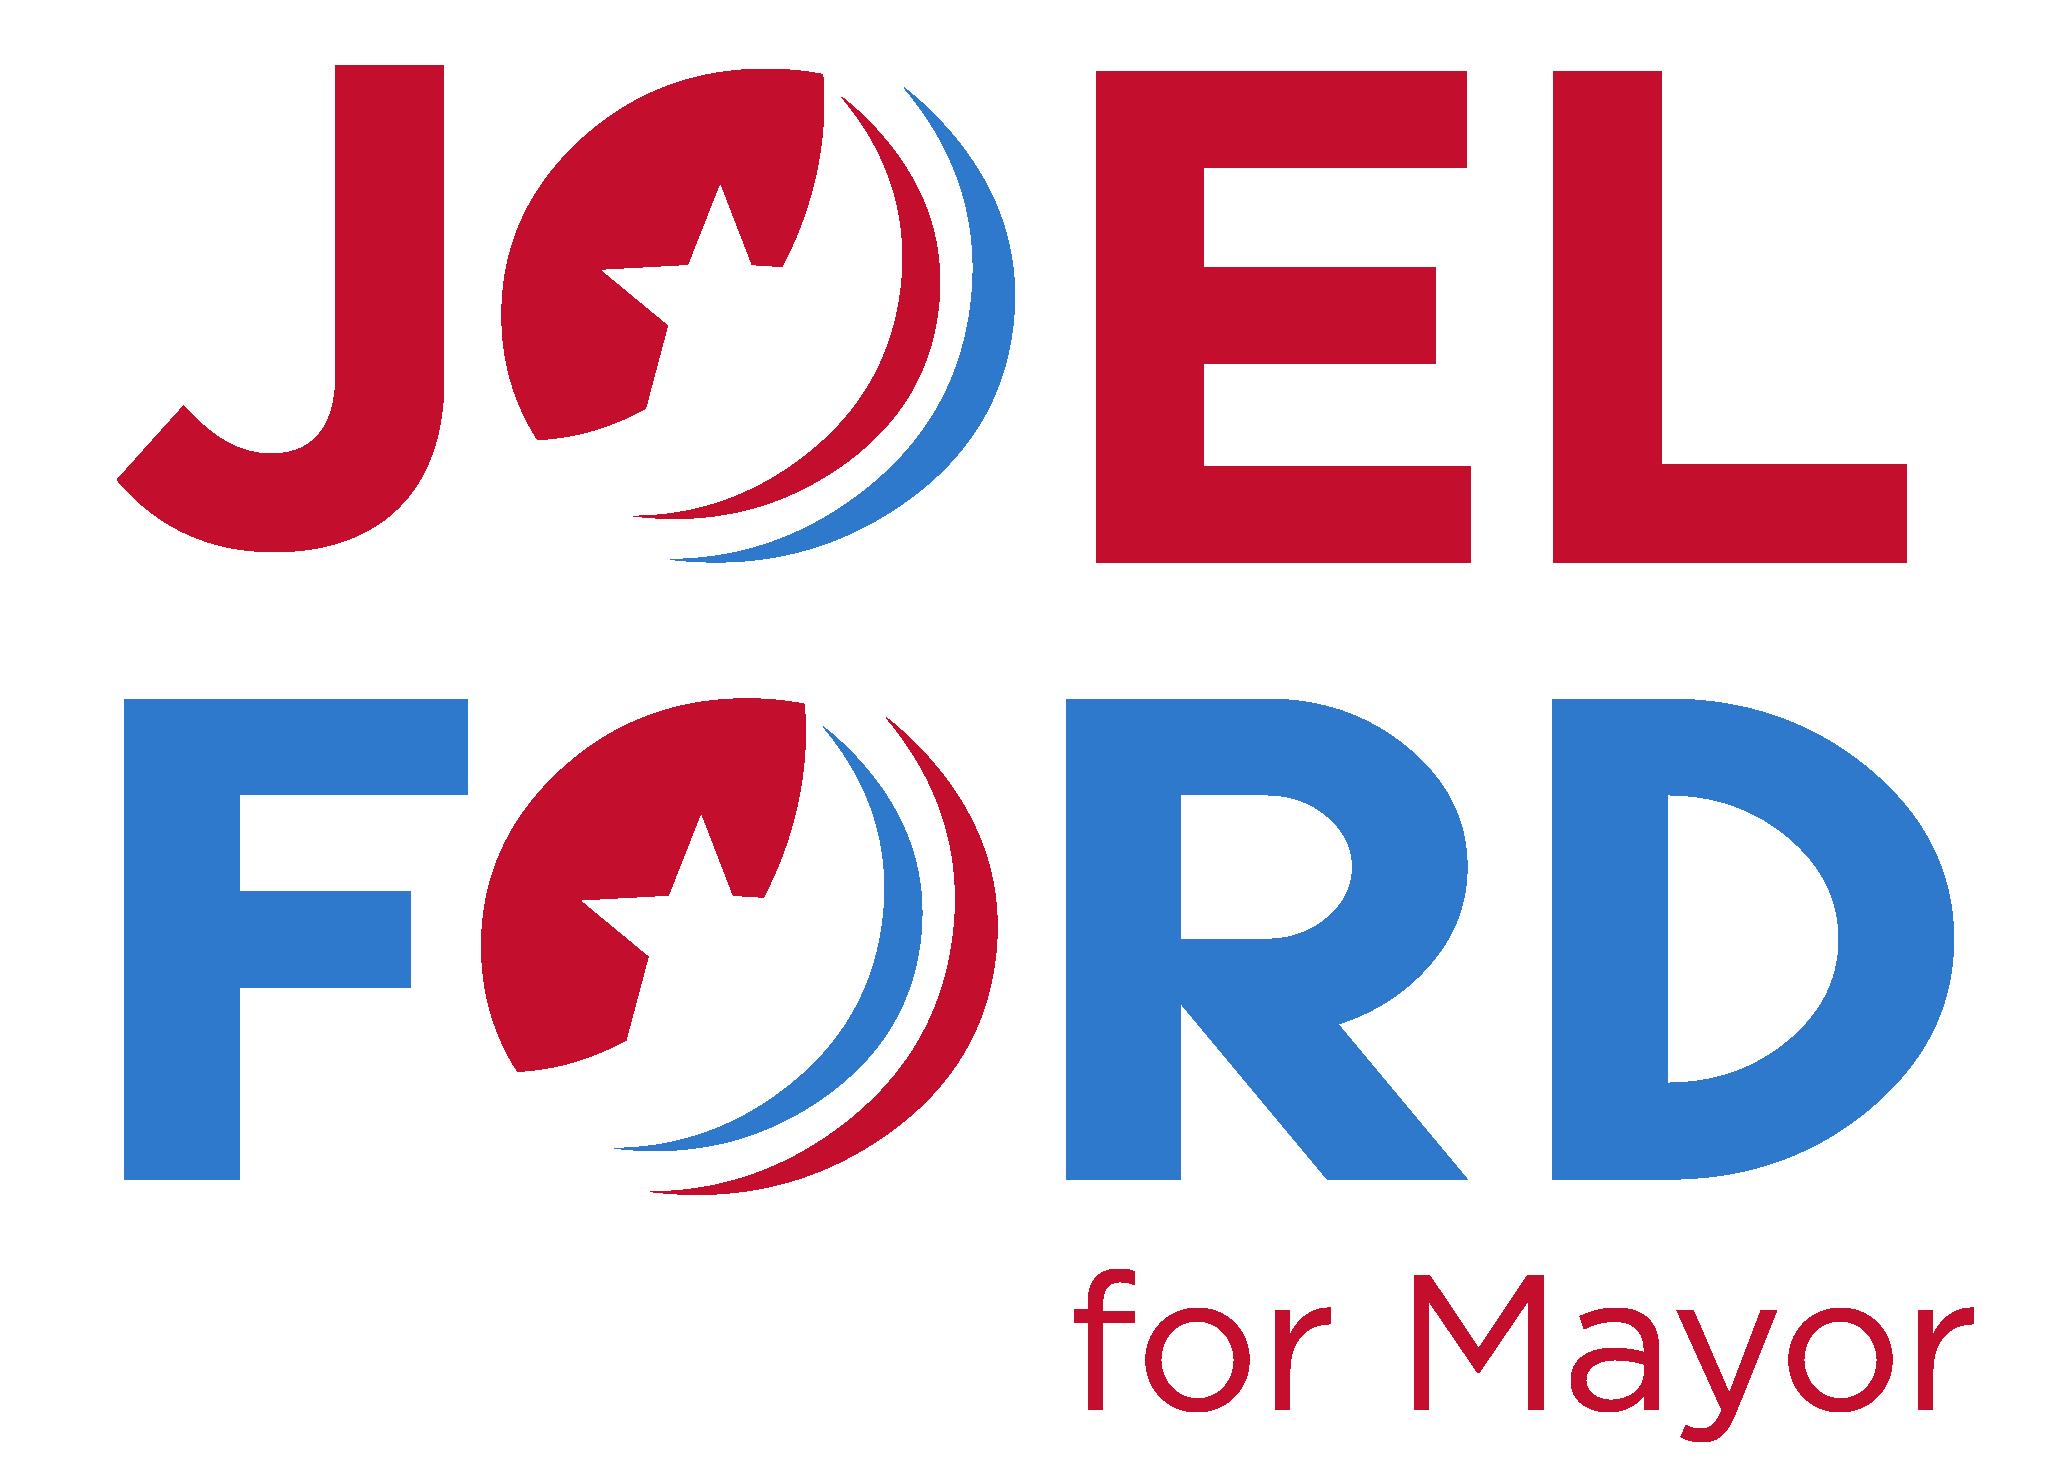 Joel-Ford-Logos-05.png